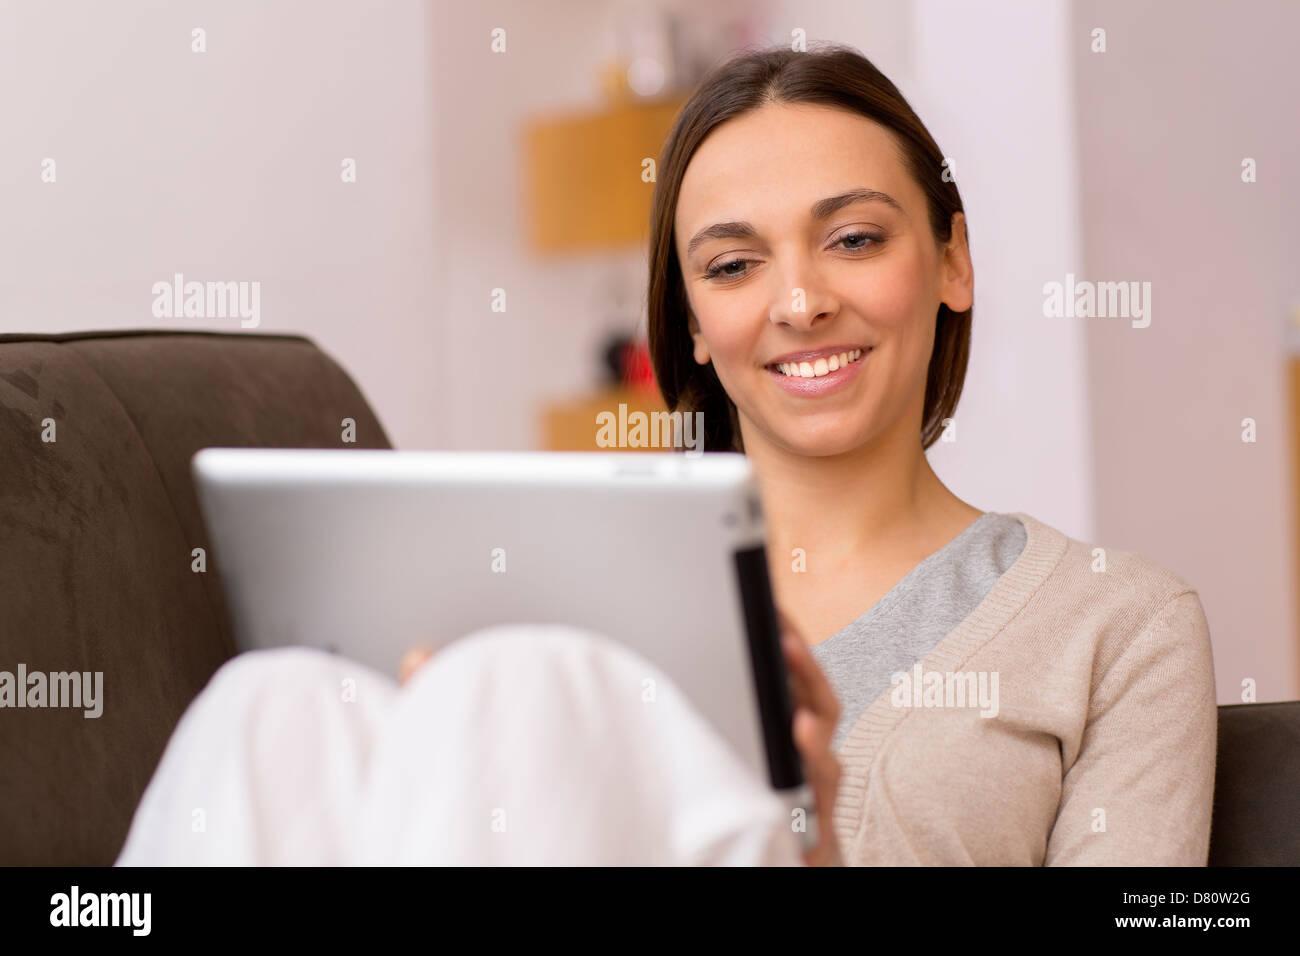 Femmina consulta la posta elettronica sul pad Immagini Stock